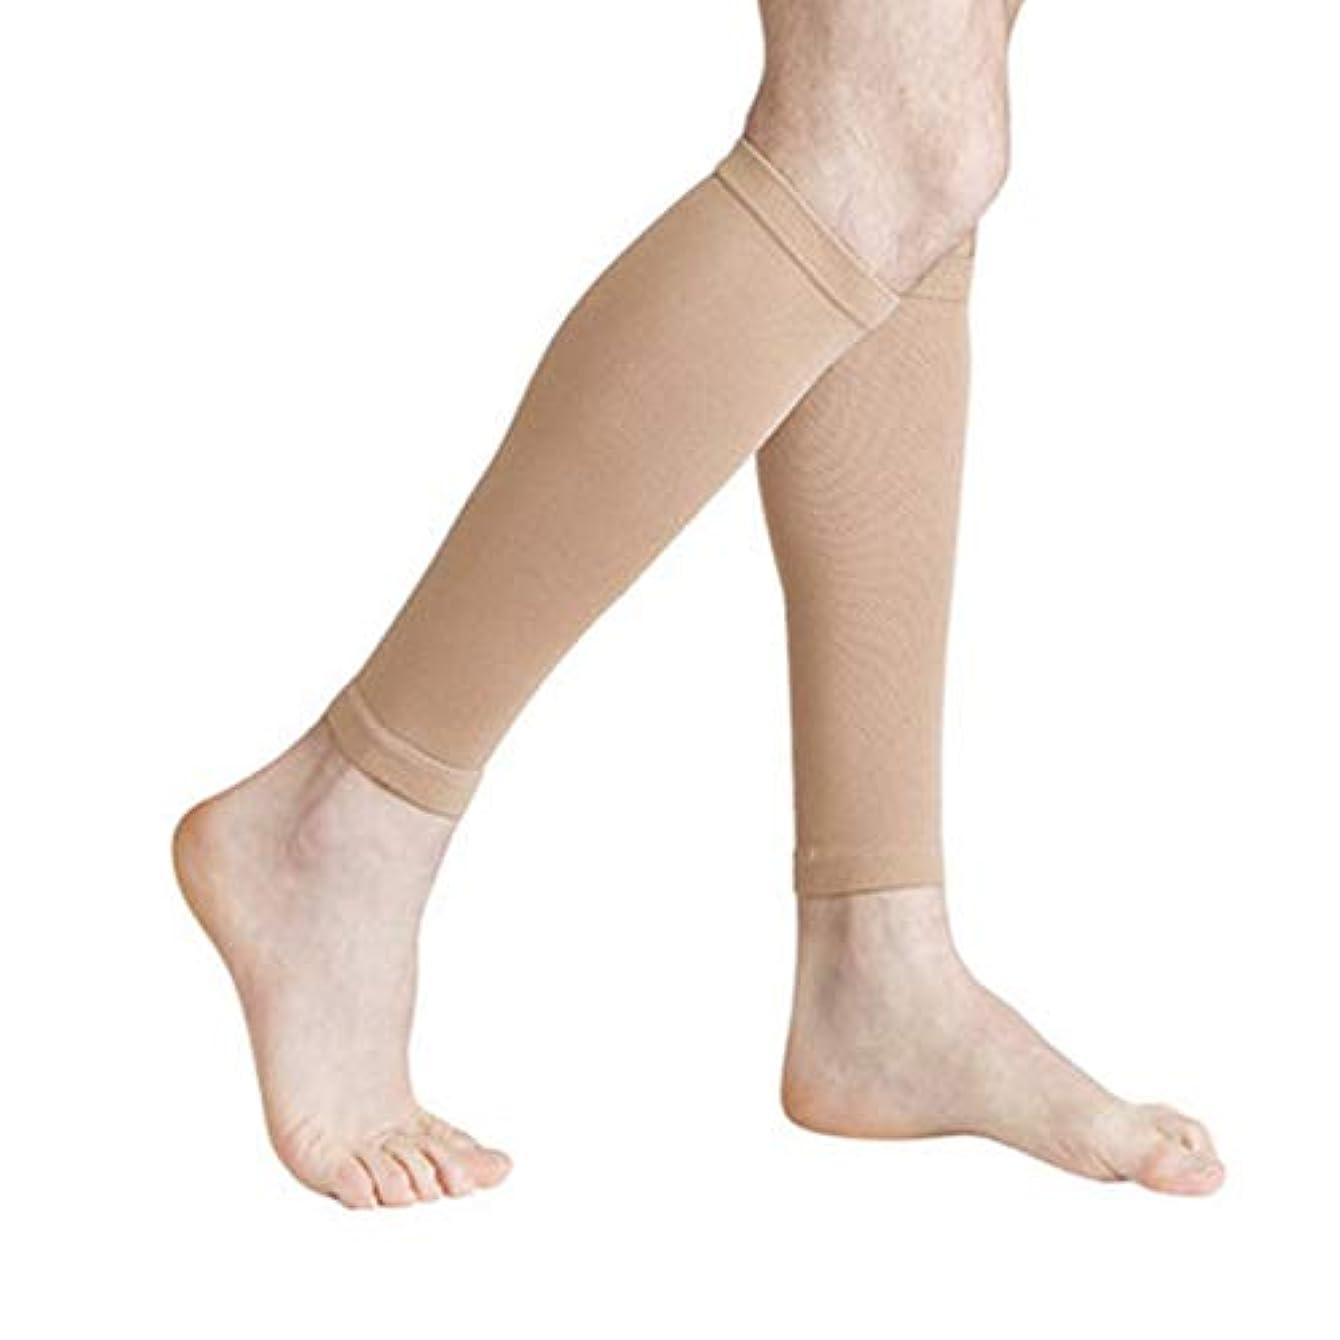 あいまいさ注入アナウンサー丈夫な男性女性プロの圧縮靴下通気性のある旅行活動看護師用シントスプリントフライトトラベル - 肌色